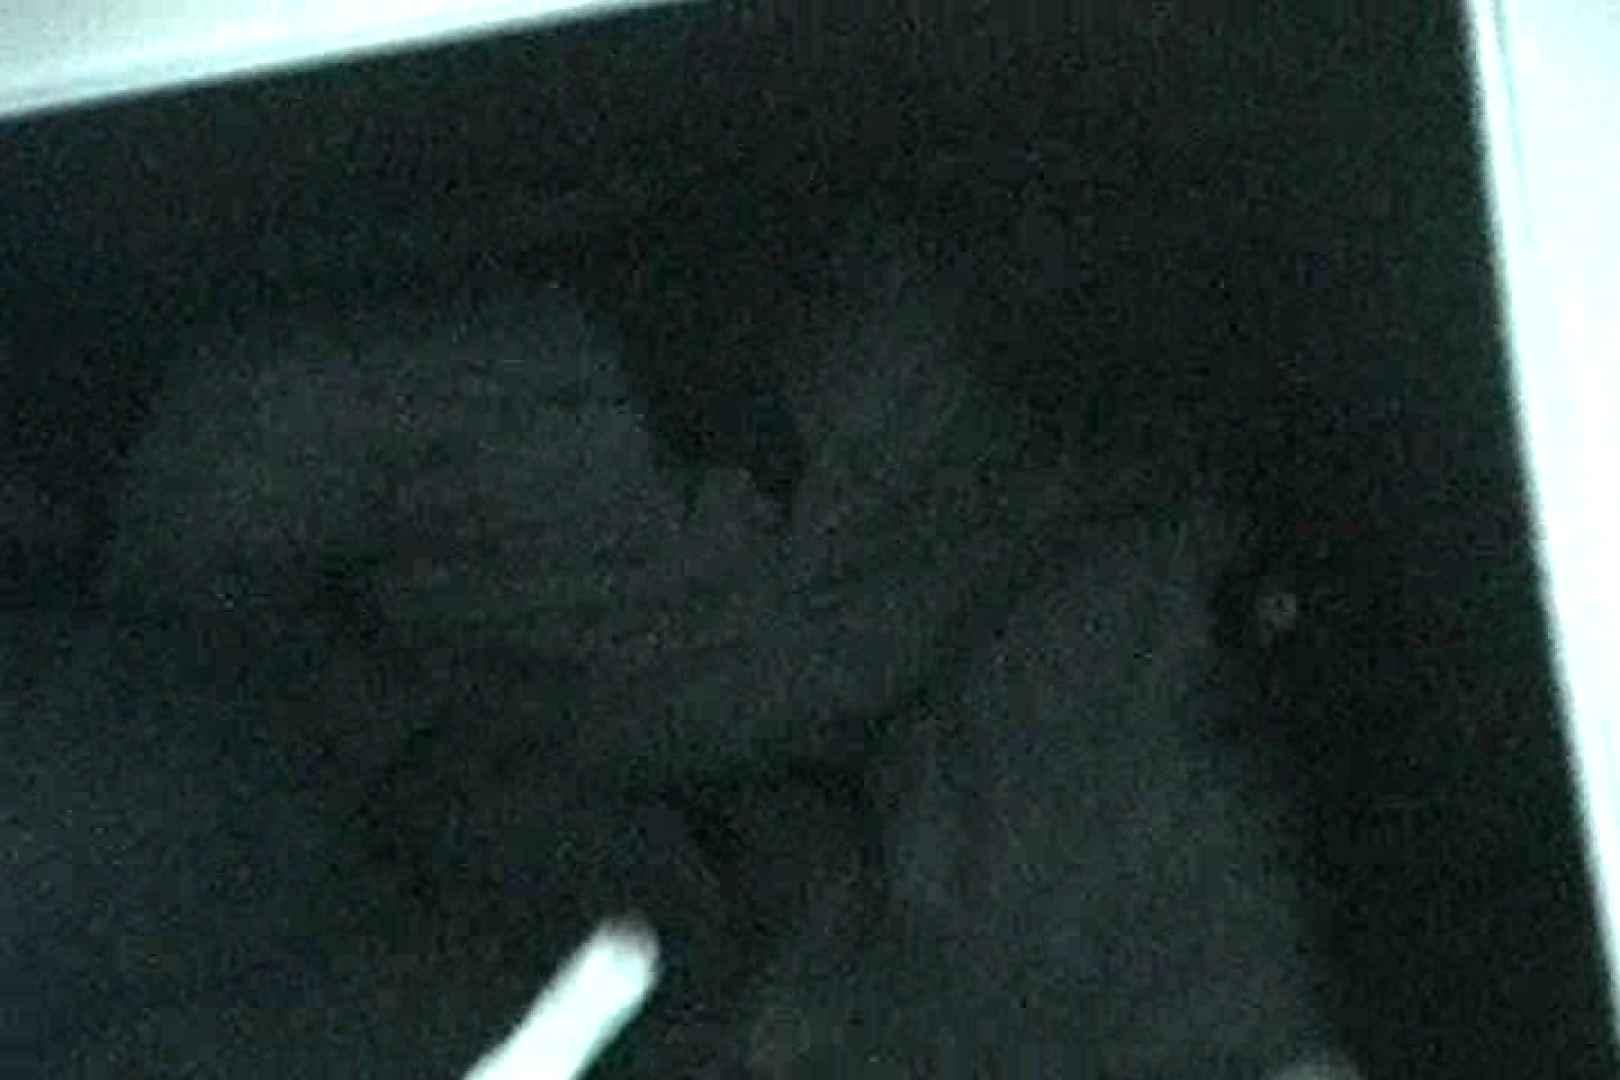 充血監督の深夜の運動会Vol.33 マンコ映像 おめこ無修正画像 43連発 43